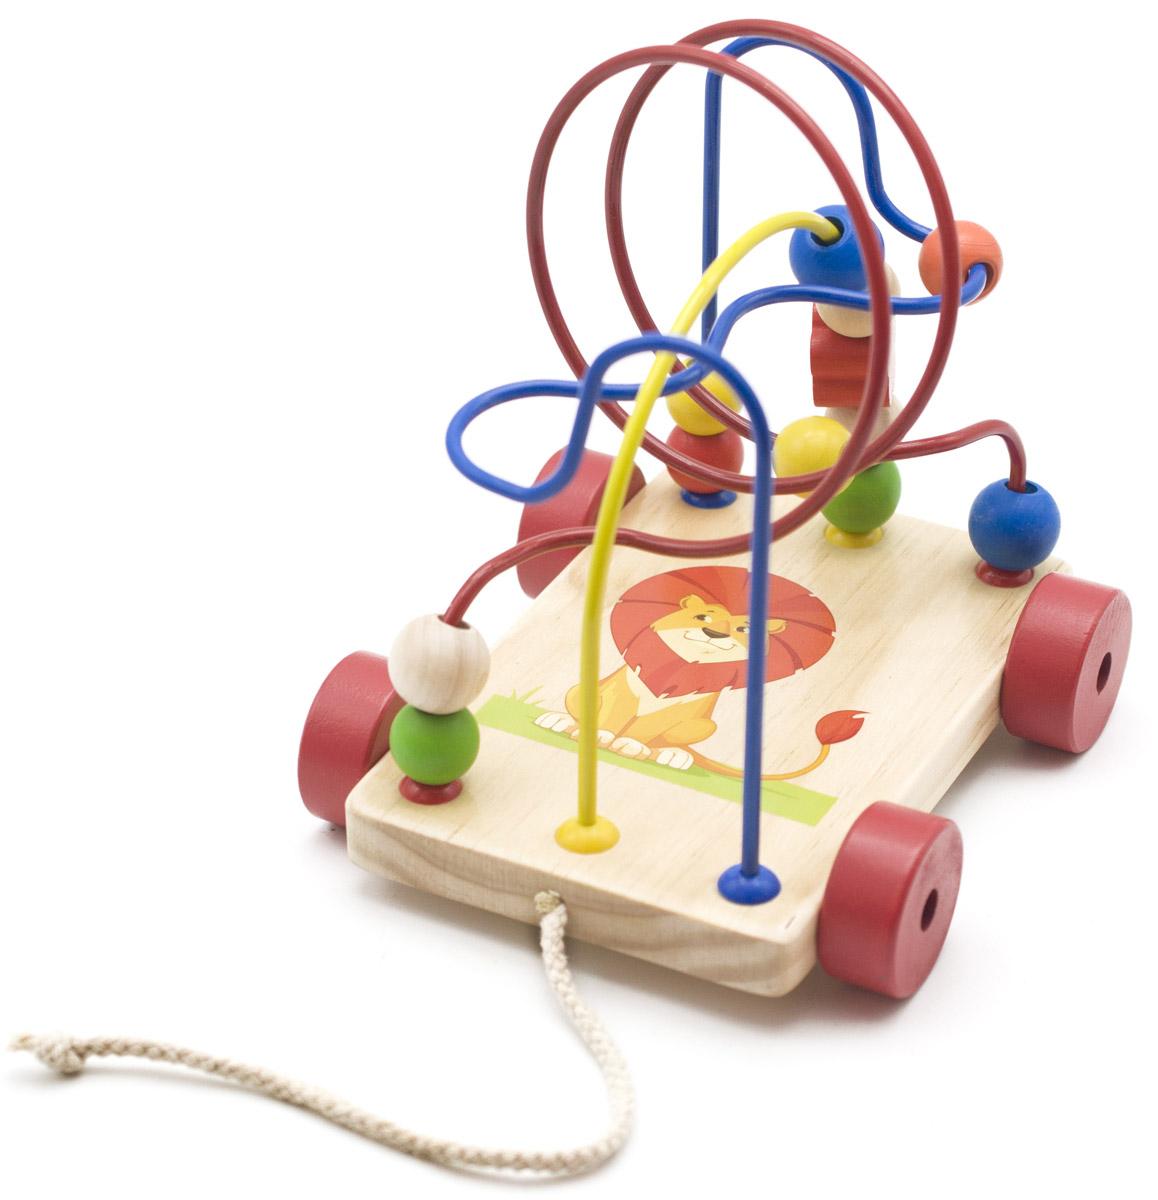 Яркий забавный лабиринт-каталка привлечет внимание вашего малыша и не позволит ему скучать. Игрушка состоит из прямоугольной подставки на колесиках с изображением львенка, к которой крепятся три металлические изогнутые проволоки. На каждую проволоку нанизаны маленькие деревянные элементы разной формы и цветов, которые можно передвигать. К основанию игрушки прикреплен шнурок, за который лабиринт можно возить. Игрушка развивает пространственное и логическое мышление, развитие мелкой мышечной моторики, внимания, памяти, подготавливает руку к письму.